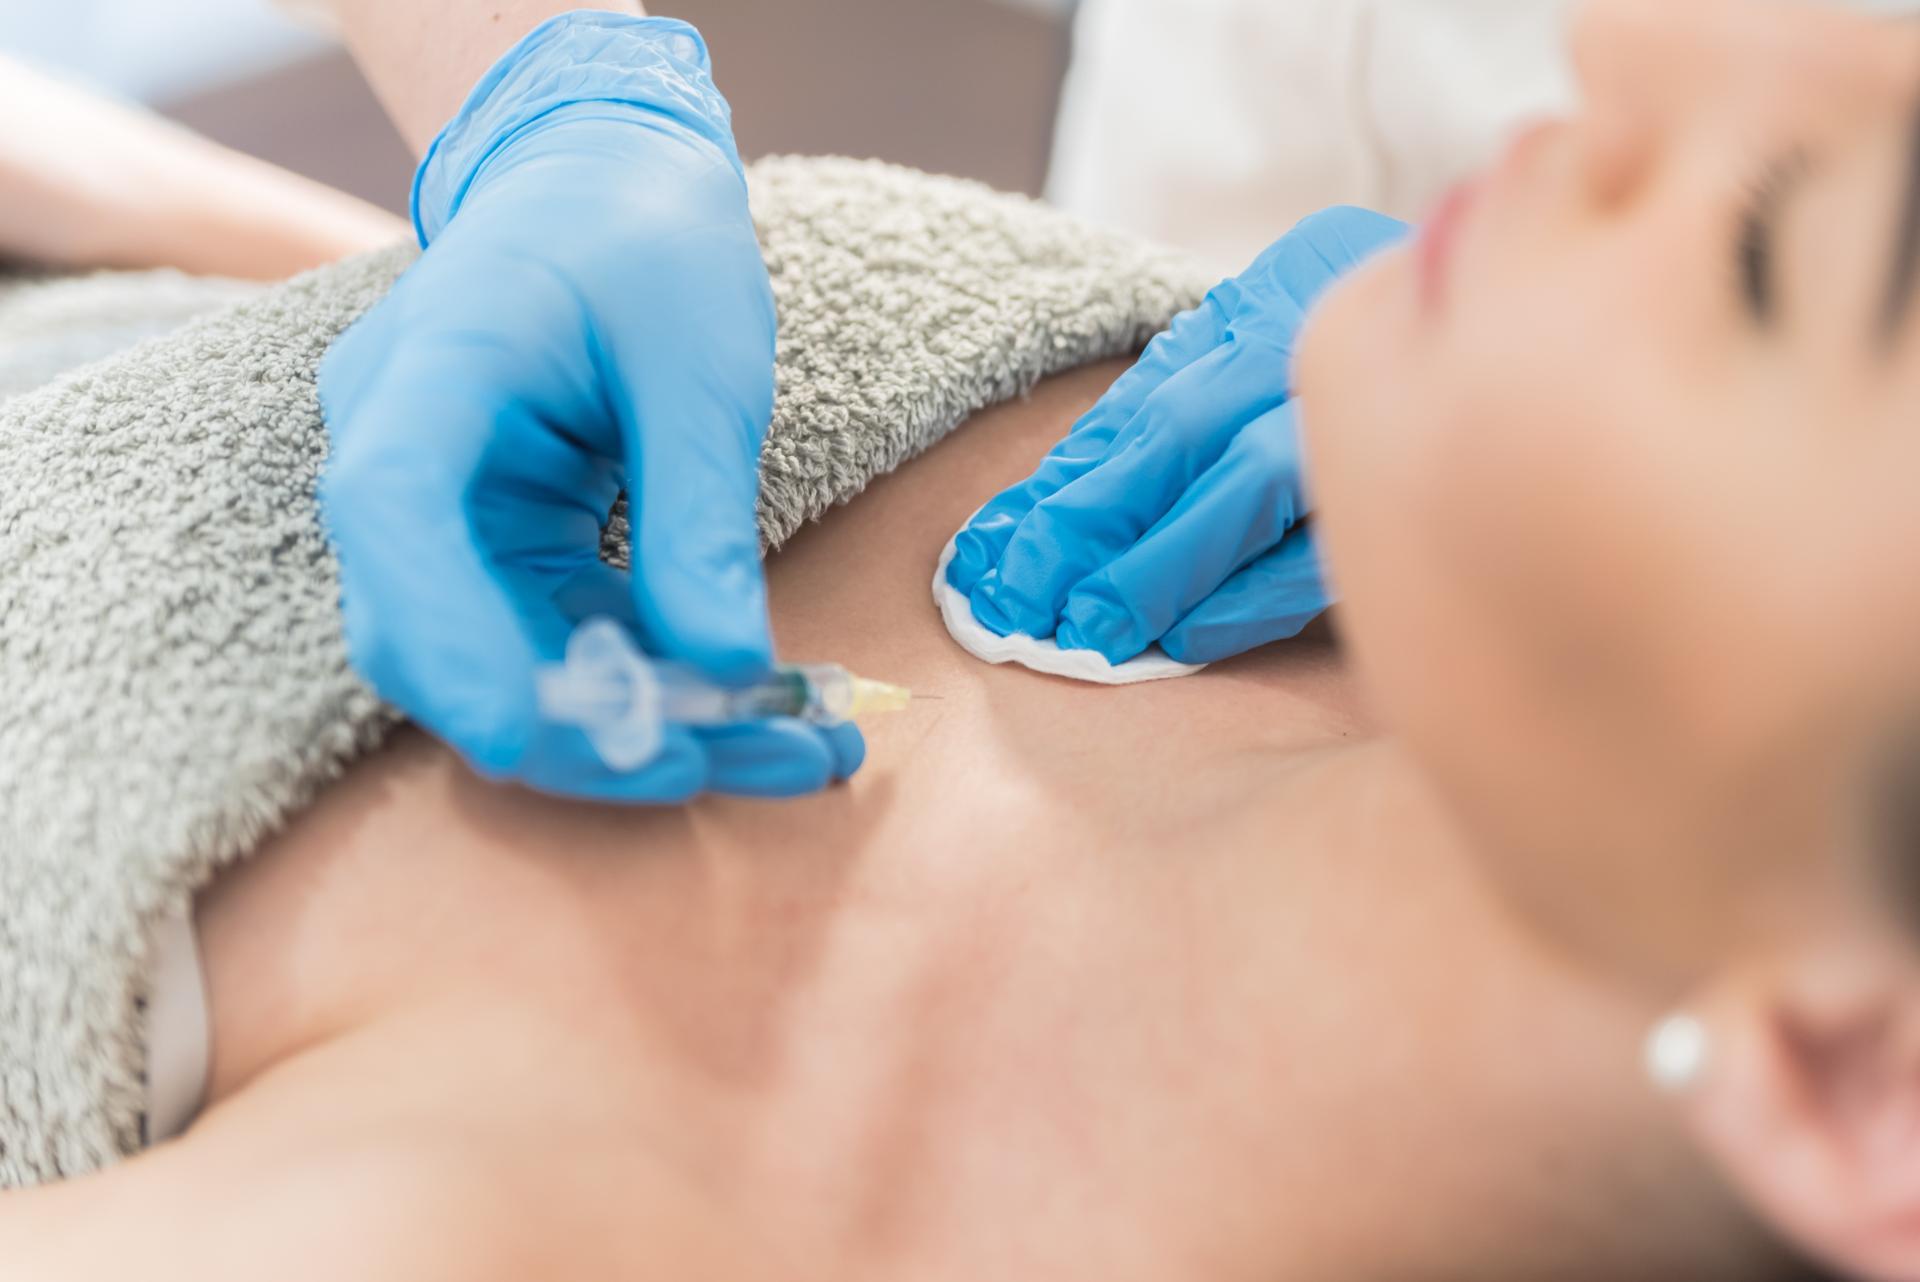 medico aplicando tratamiento inyección en escote de mujer